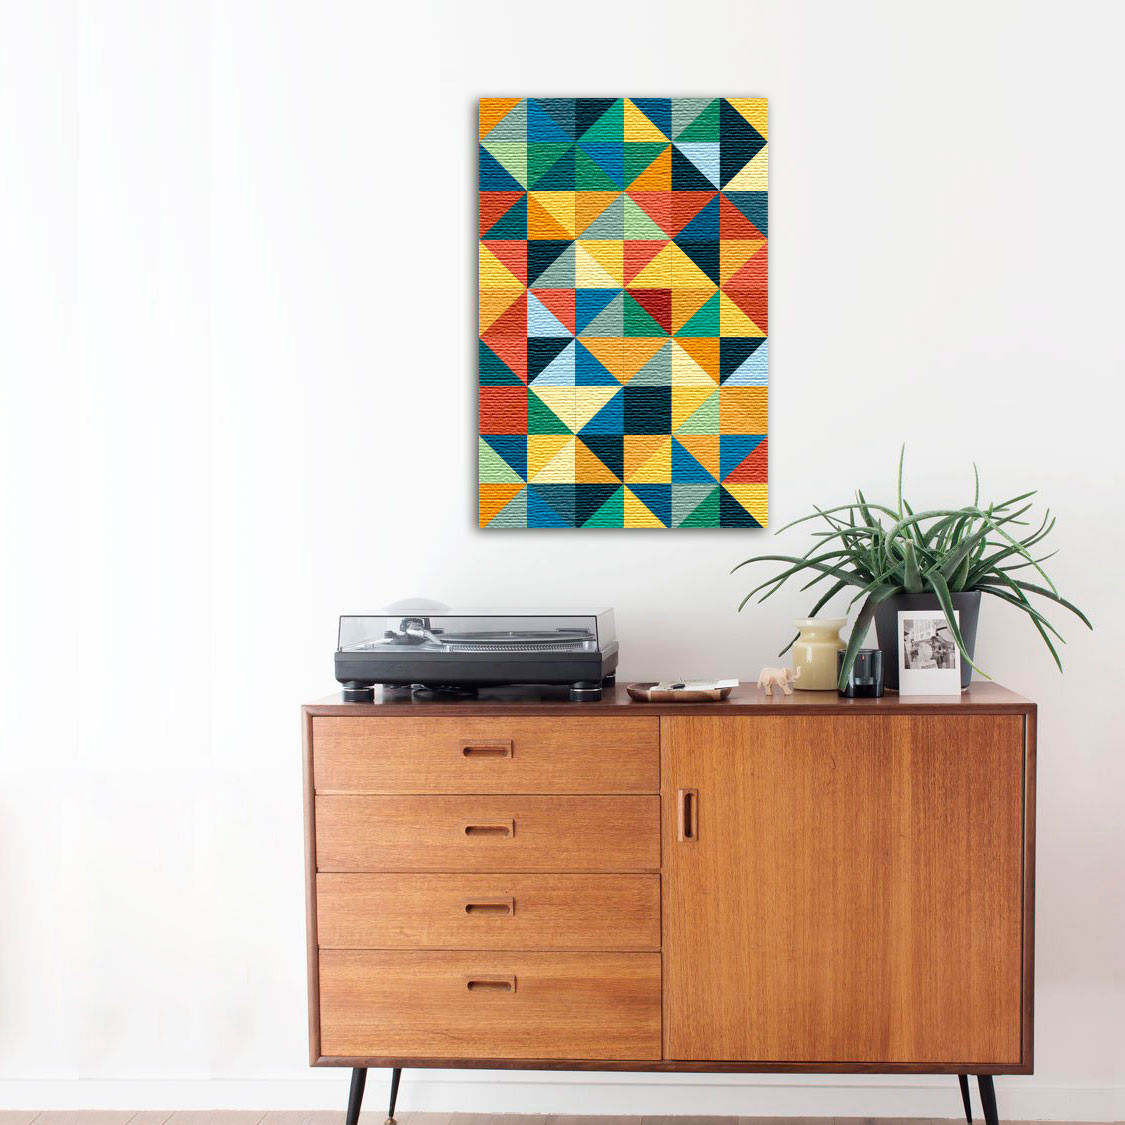 Quadro Decorativo Quadrados Abstrato Colorido